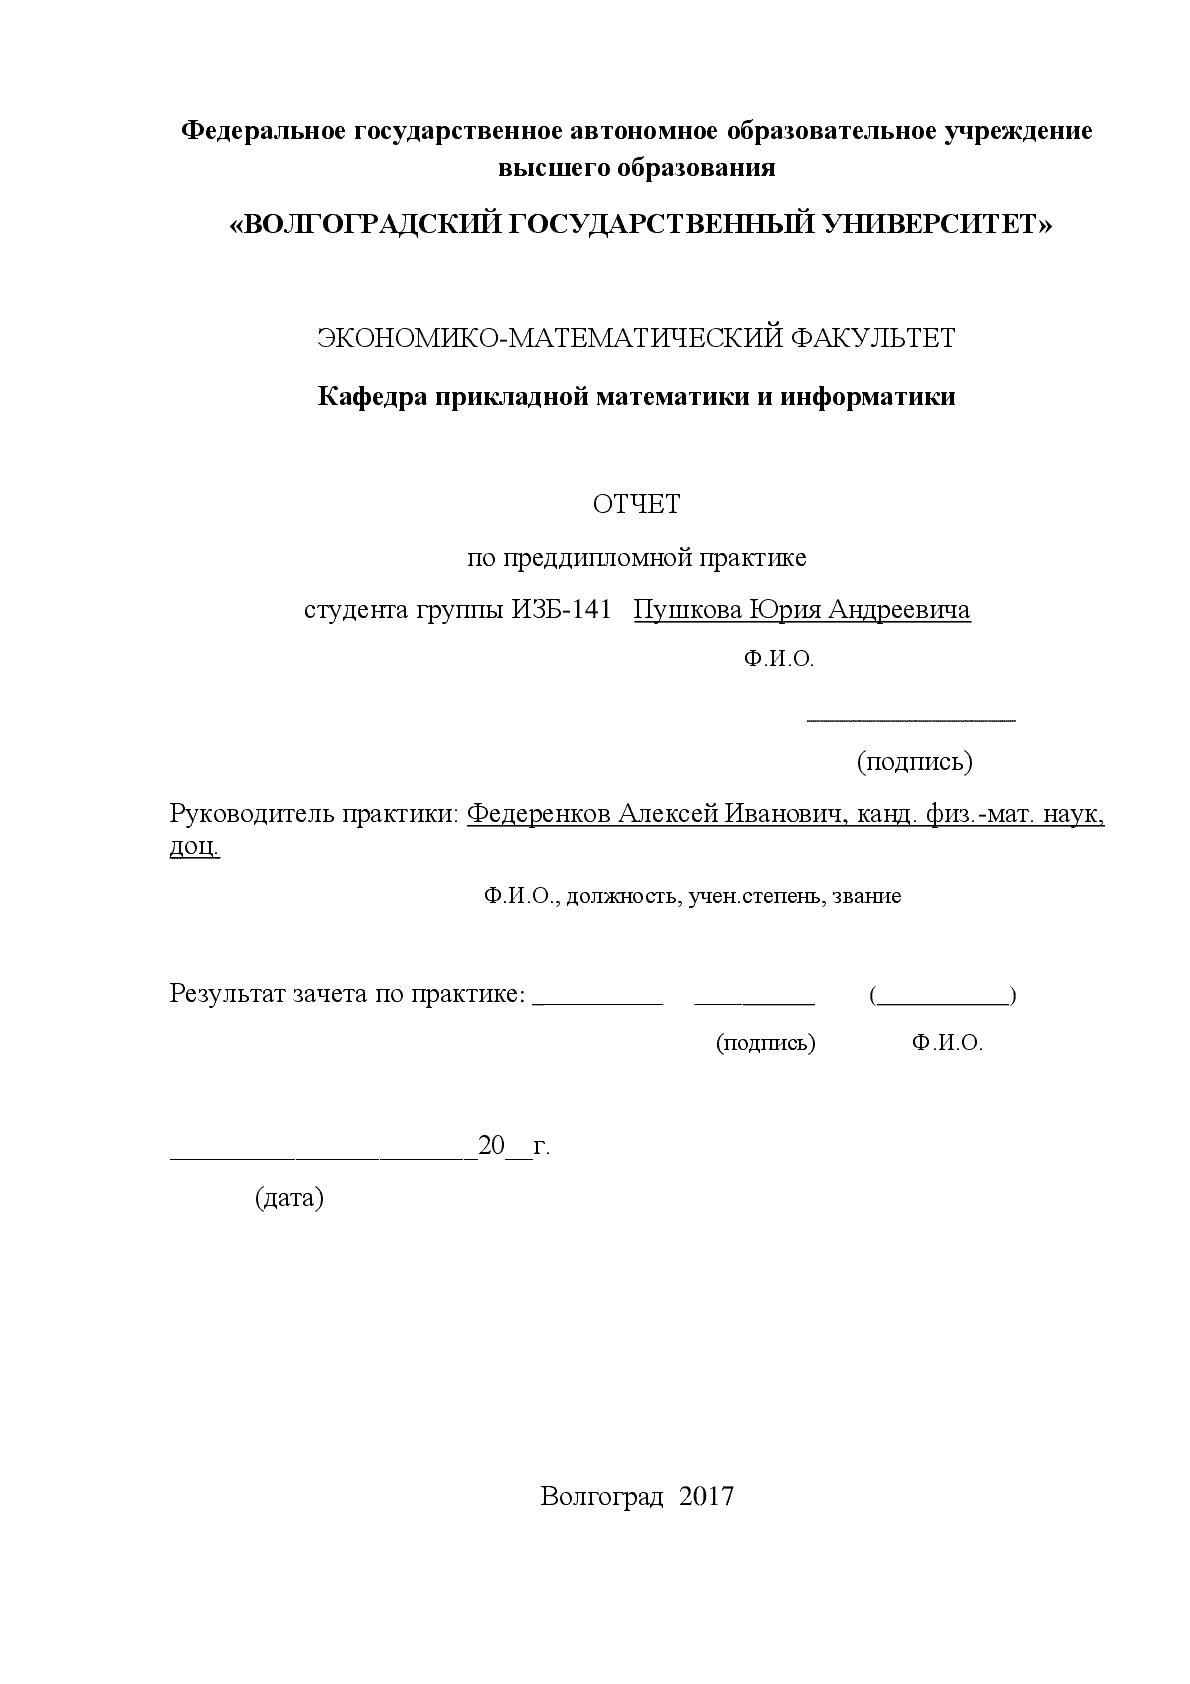 Отчет по учебной практике: введение, основная часть, заключение